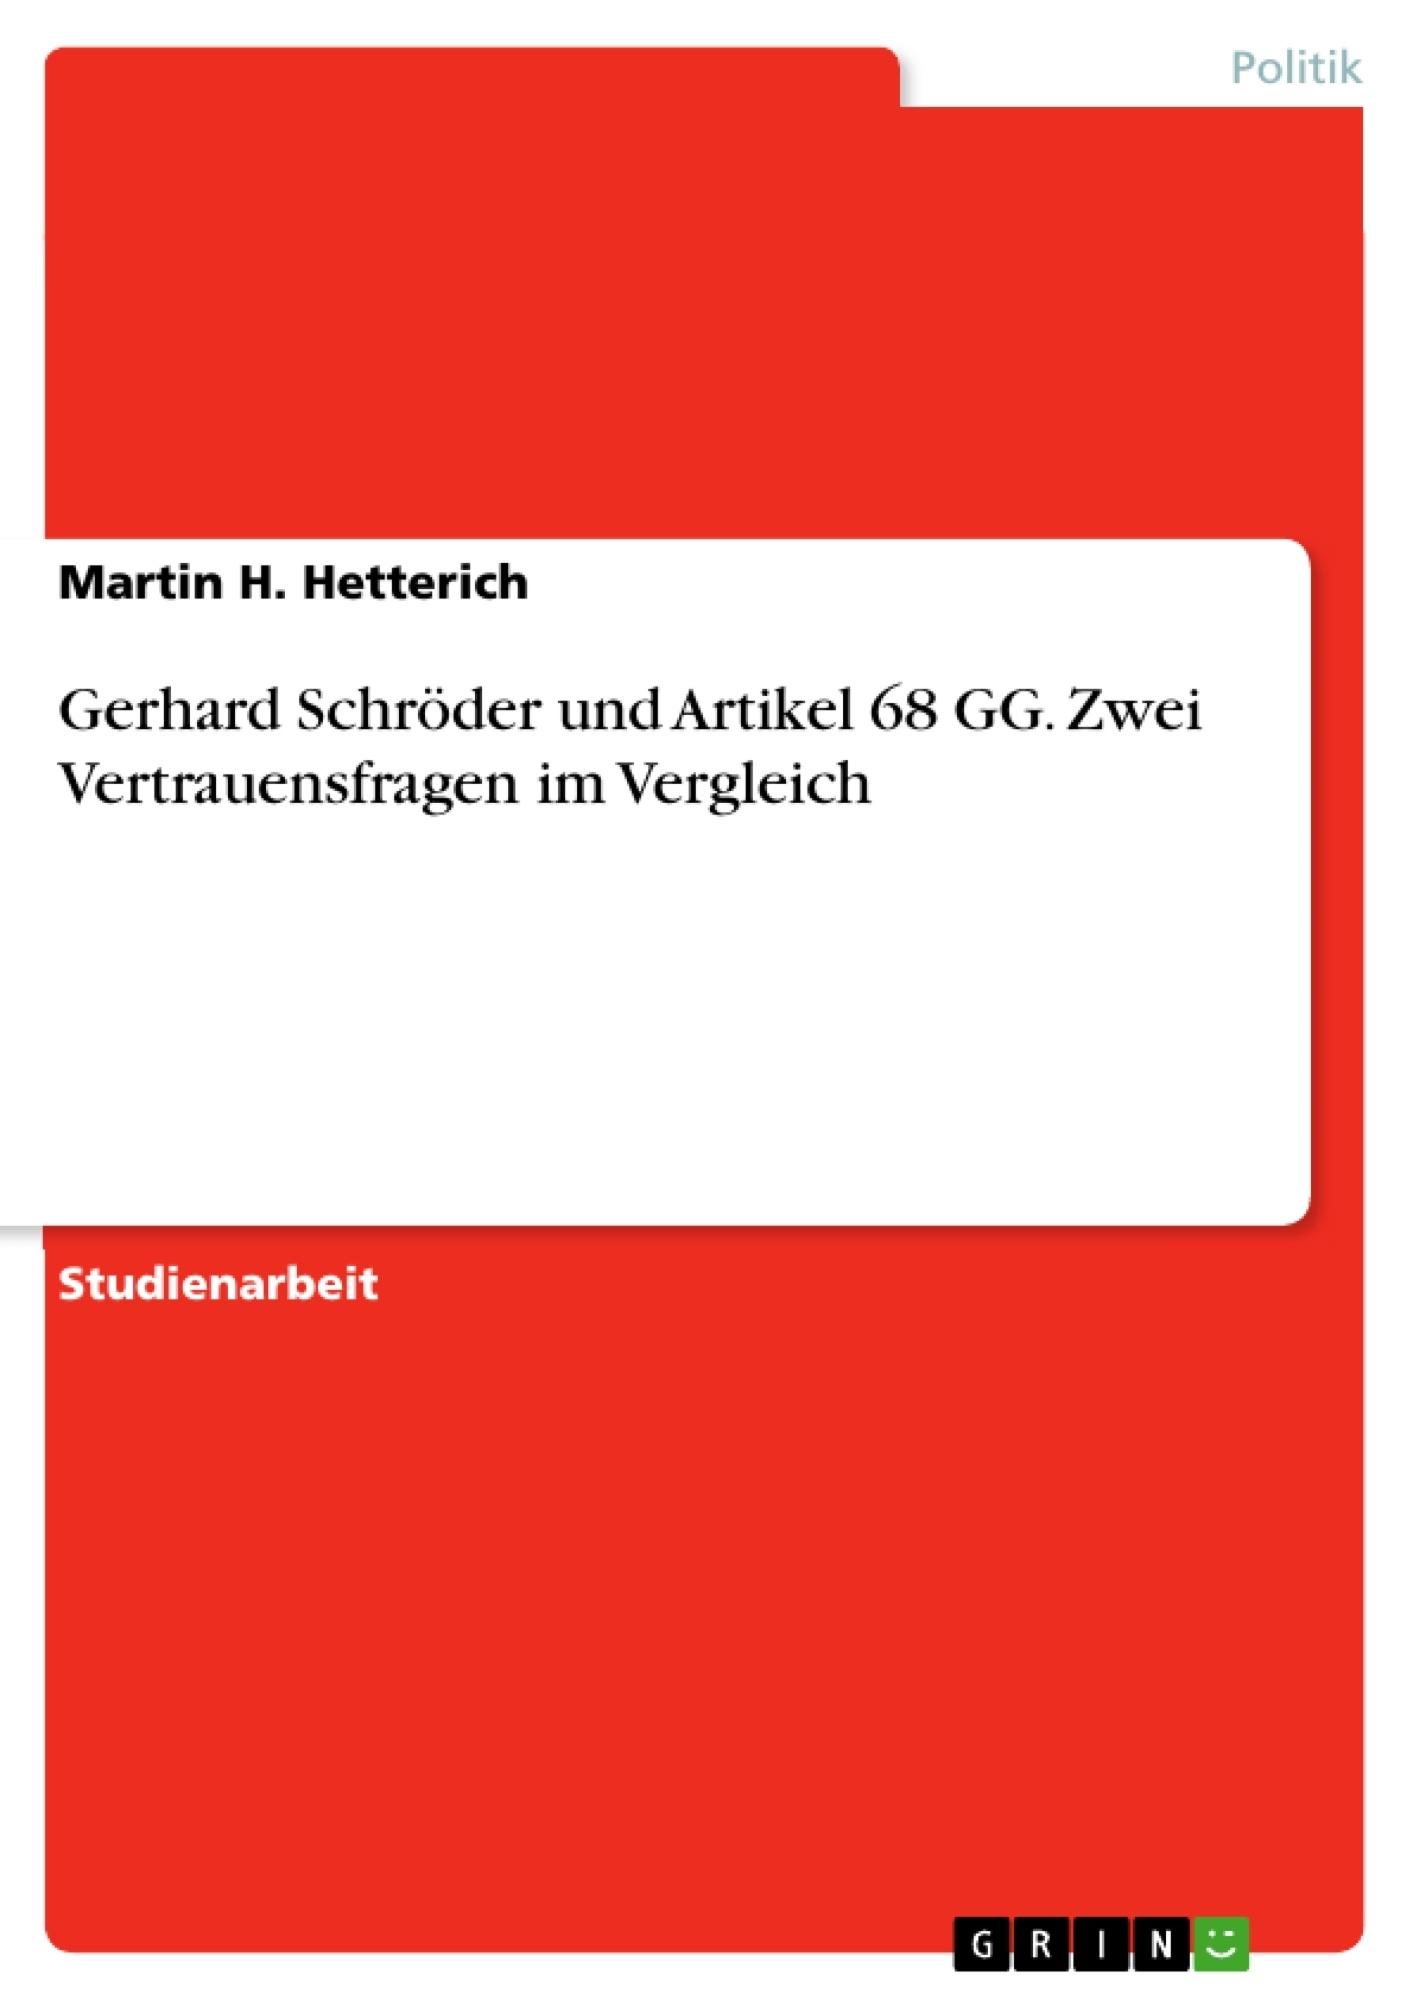 Titel: Gerhard Schröder und Artikel 68 GG. Zwei Vertrauensfragen im Vergleich